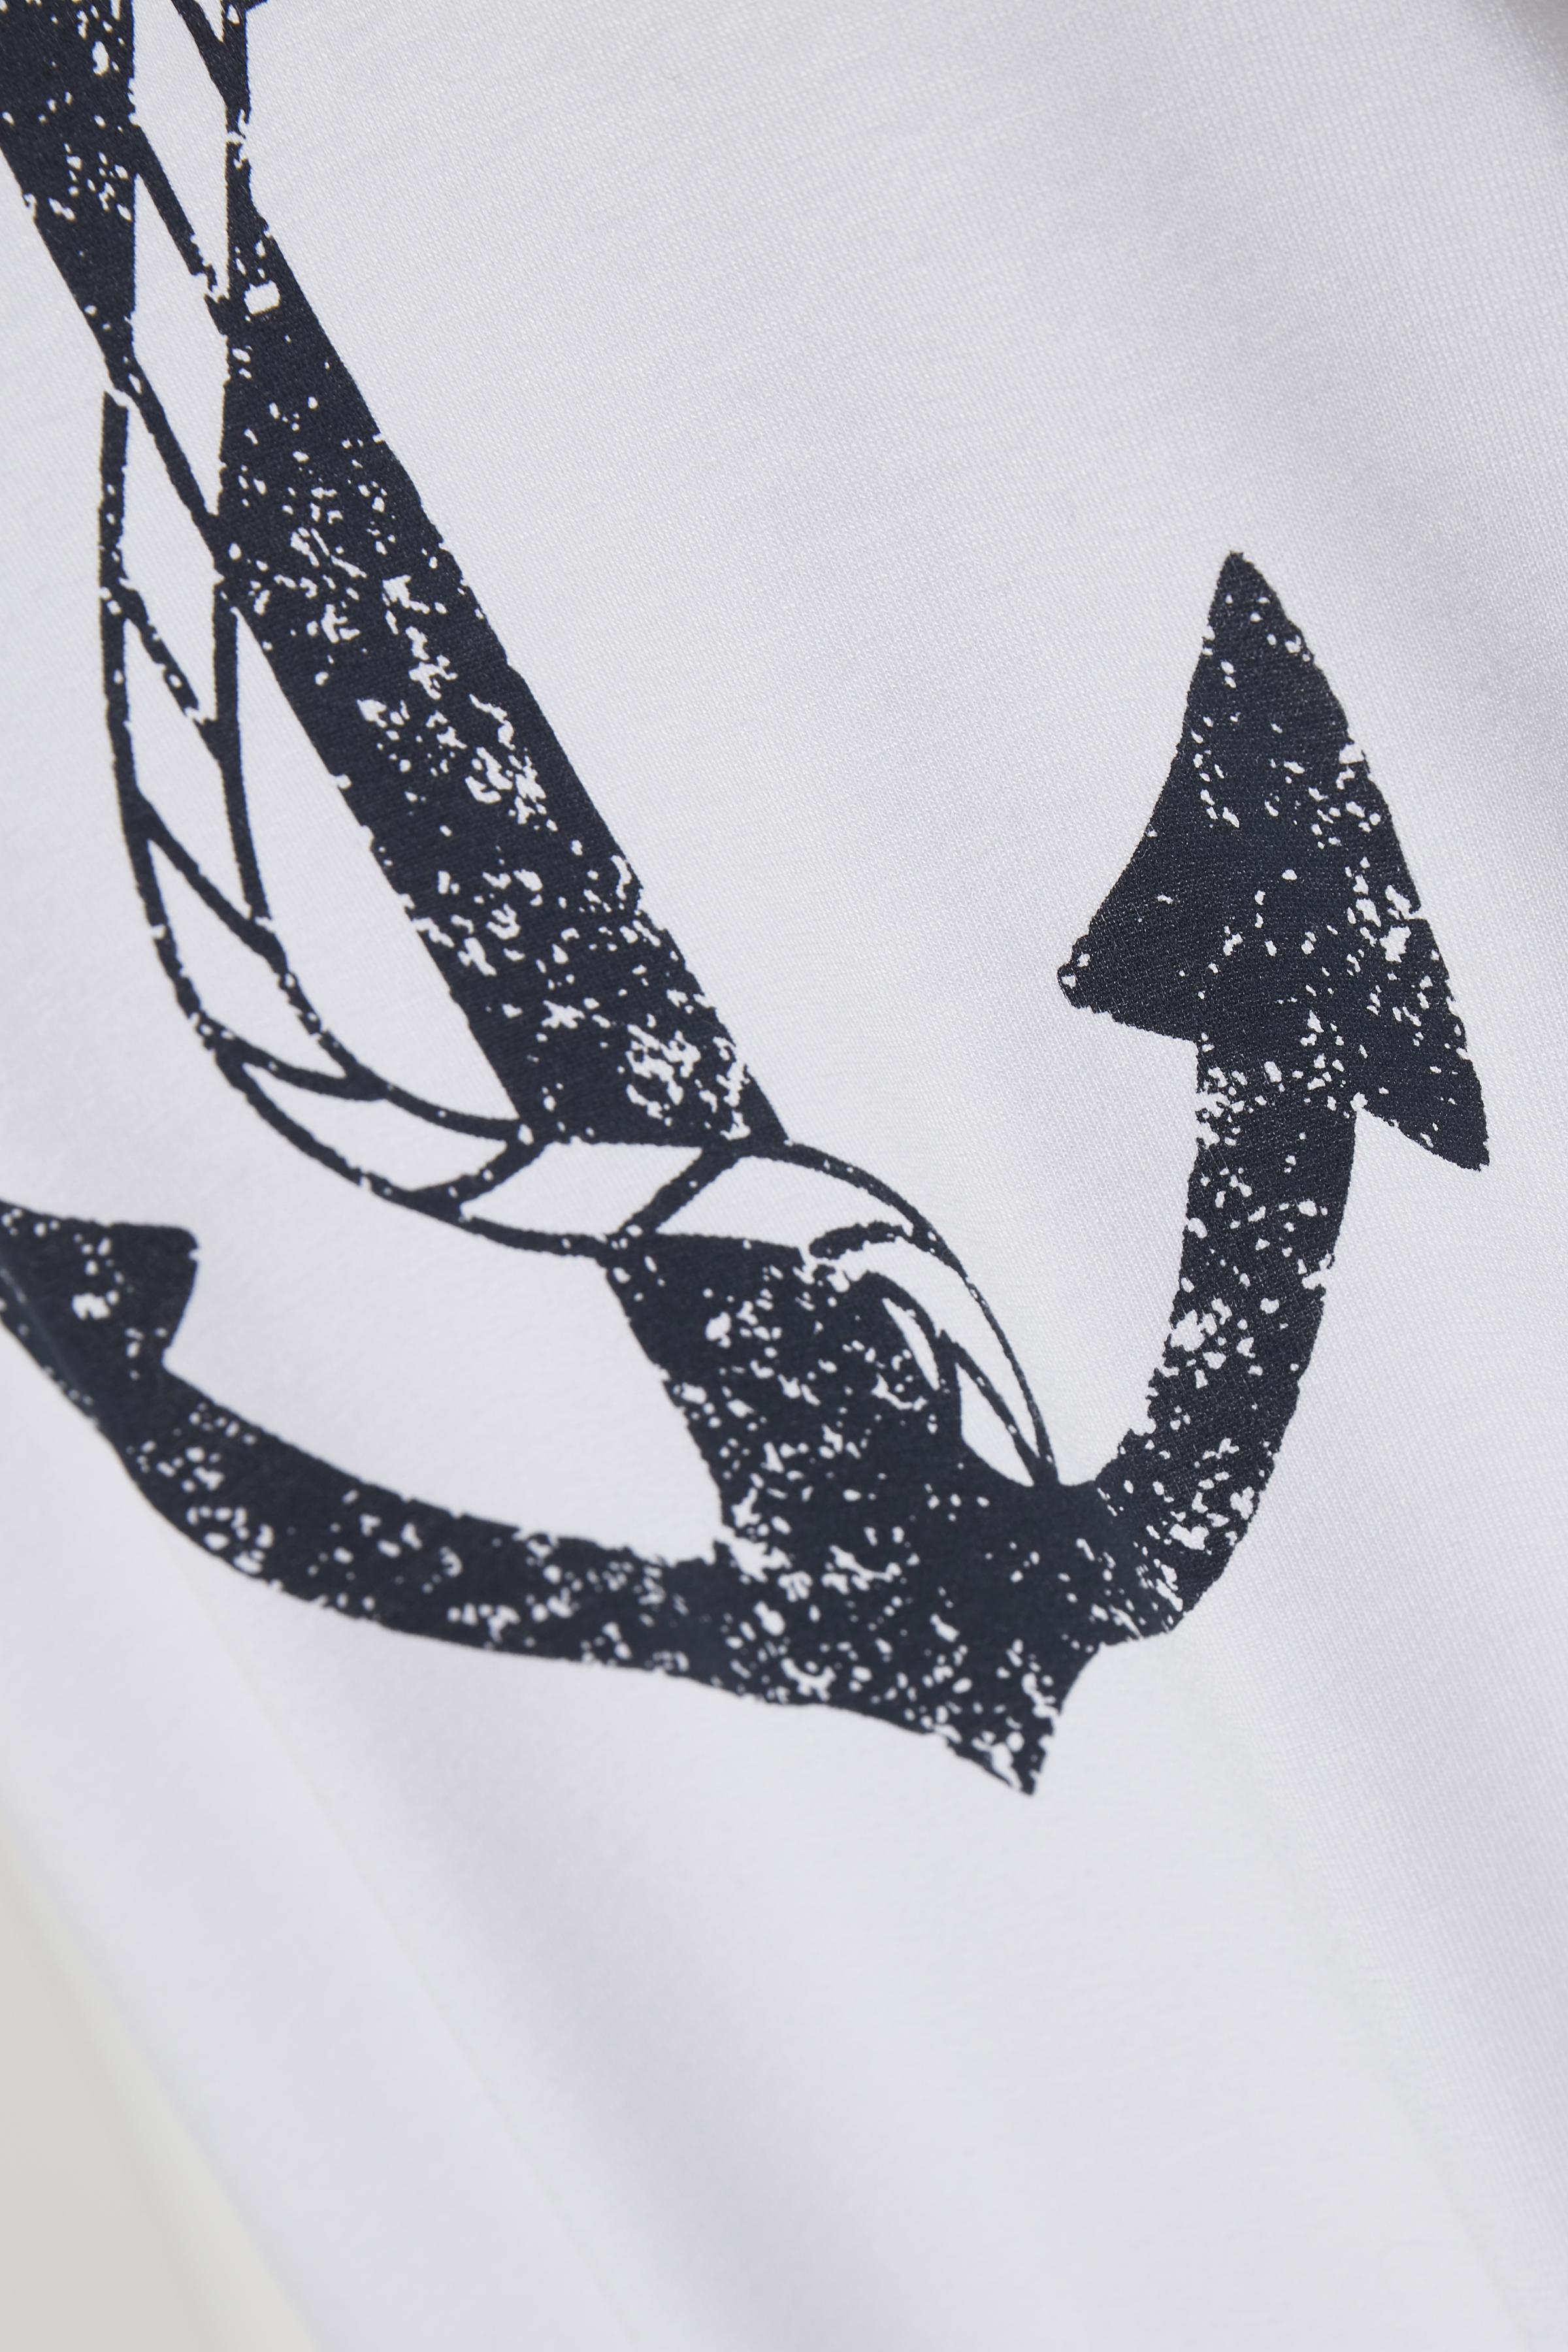 Wit T-shirt korte mouw van Bon'A Parte – Door Wit T-shirt korte mouw van maat. S-2XL hier